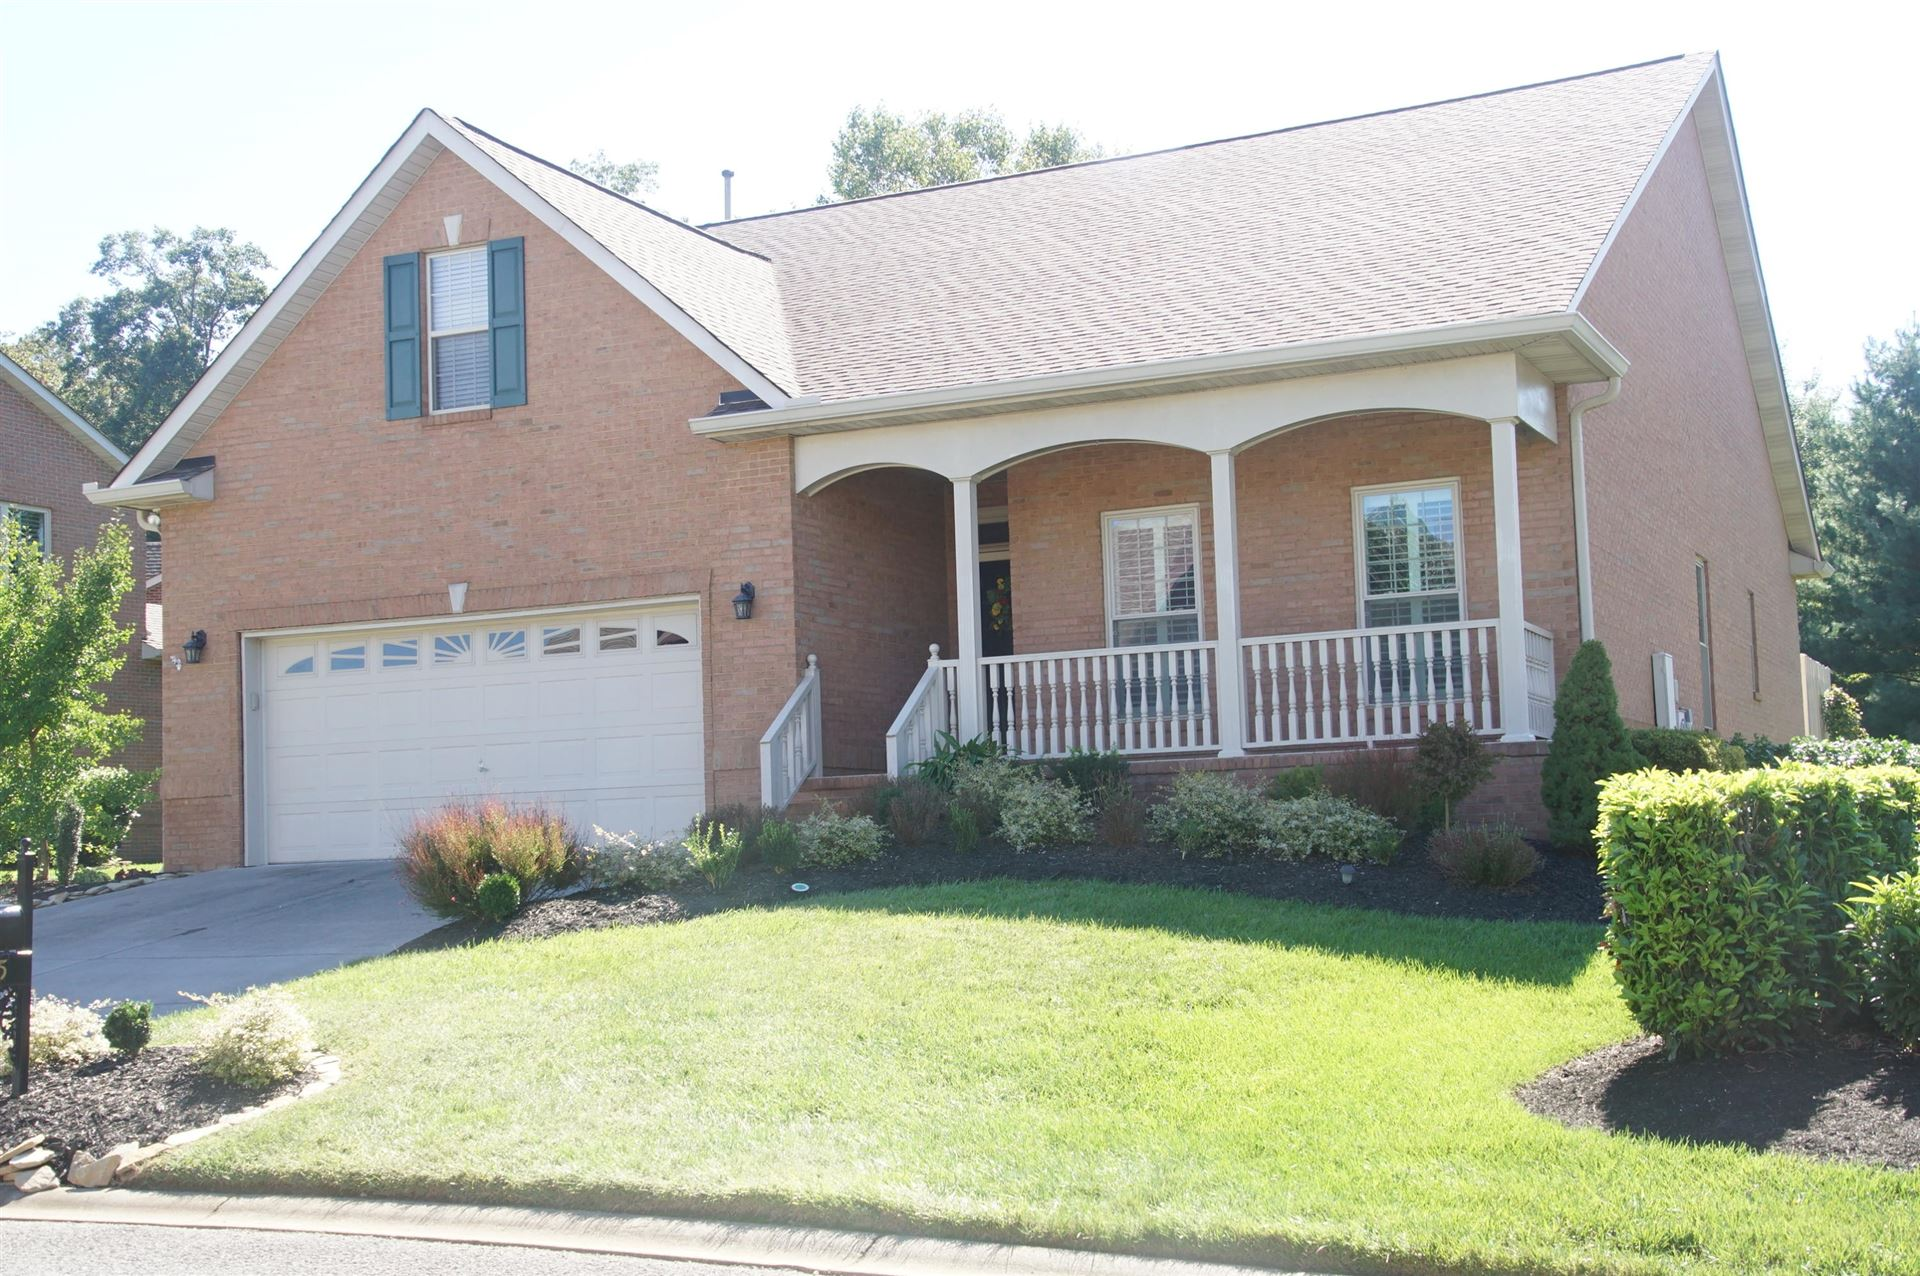 Photo of 325 Port Charles Drive, Farragut, TN 37934 (MLS # 1131610)